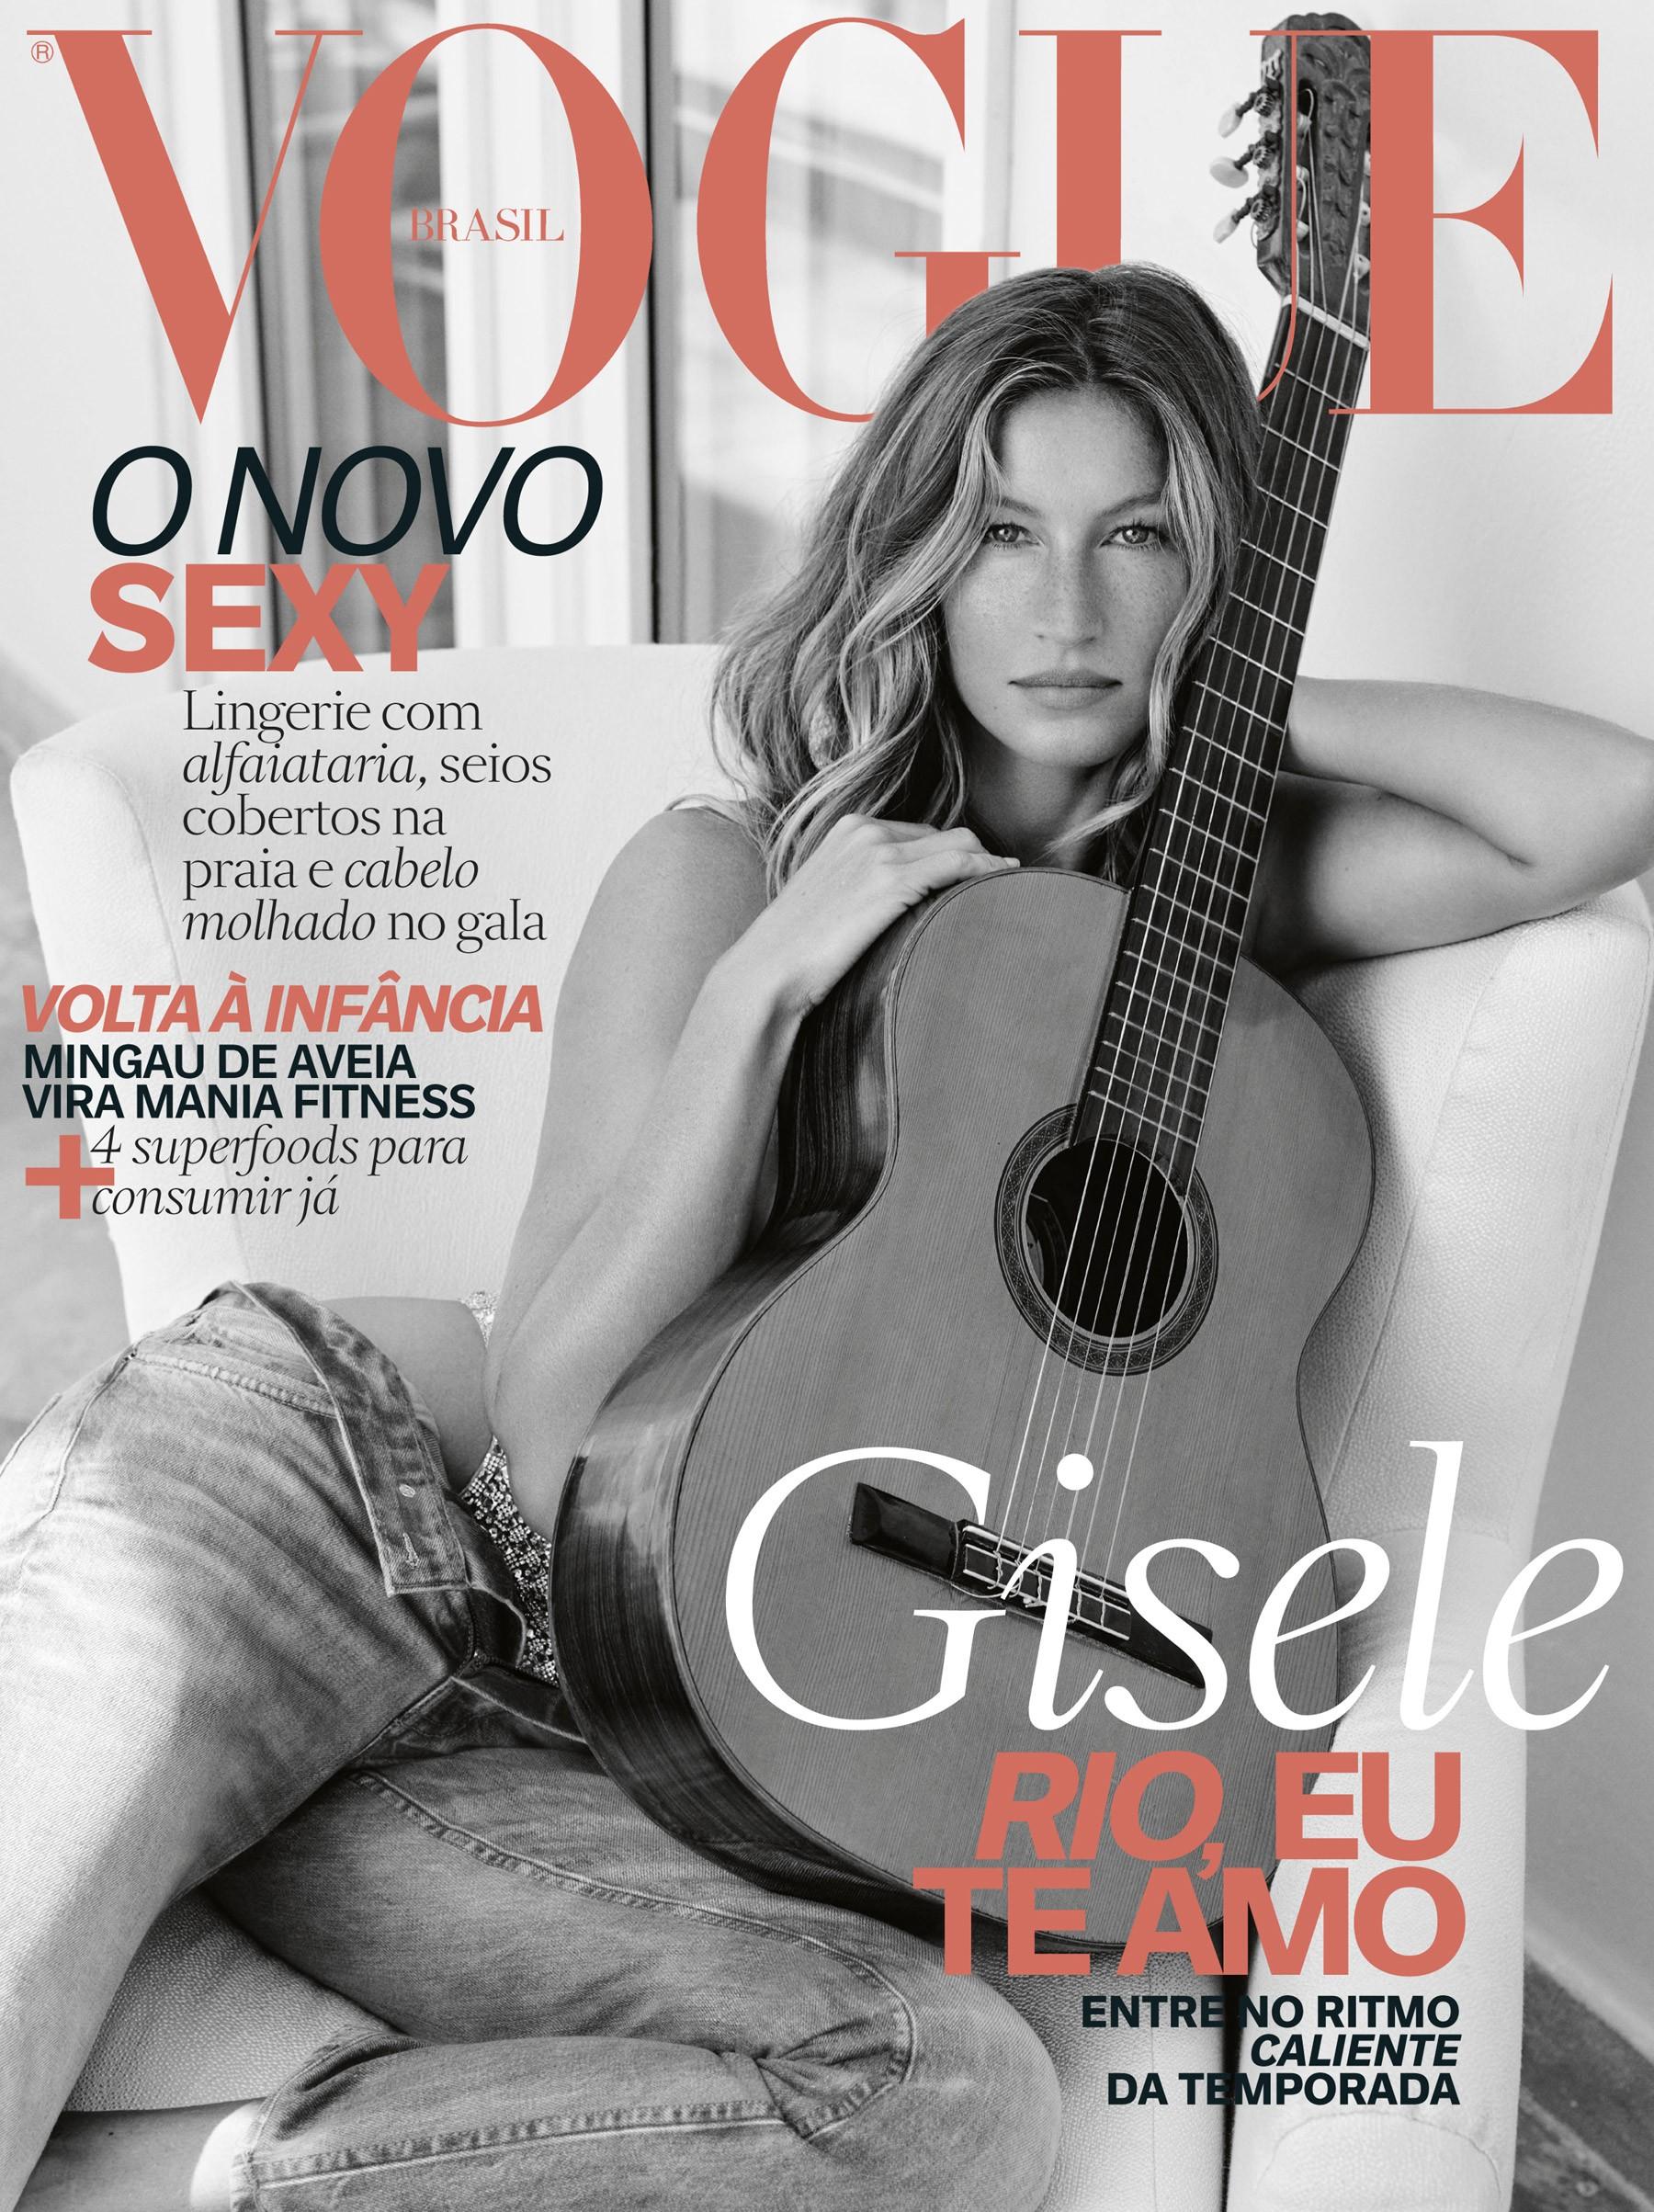 Gisele Bündchen (Foto: Vogue Brasil)